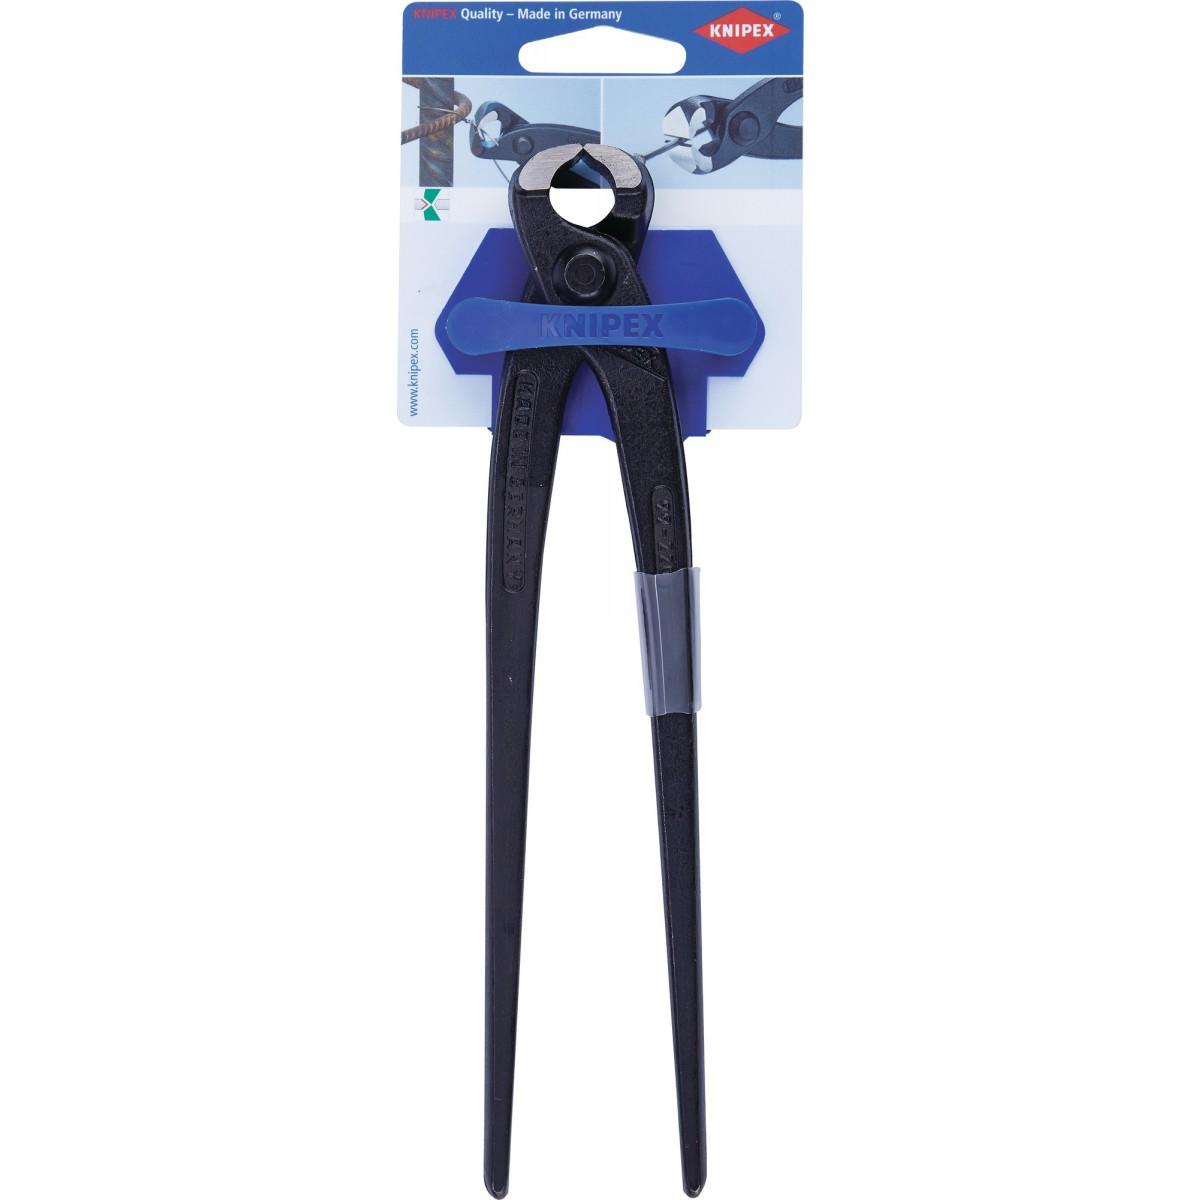 Tenaille russe Knipex - Longueur 220 mm